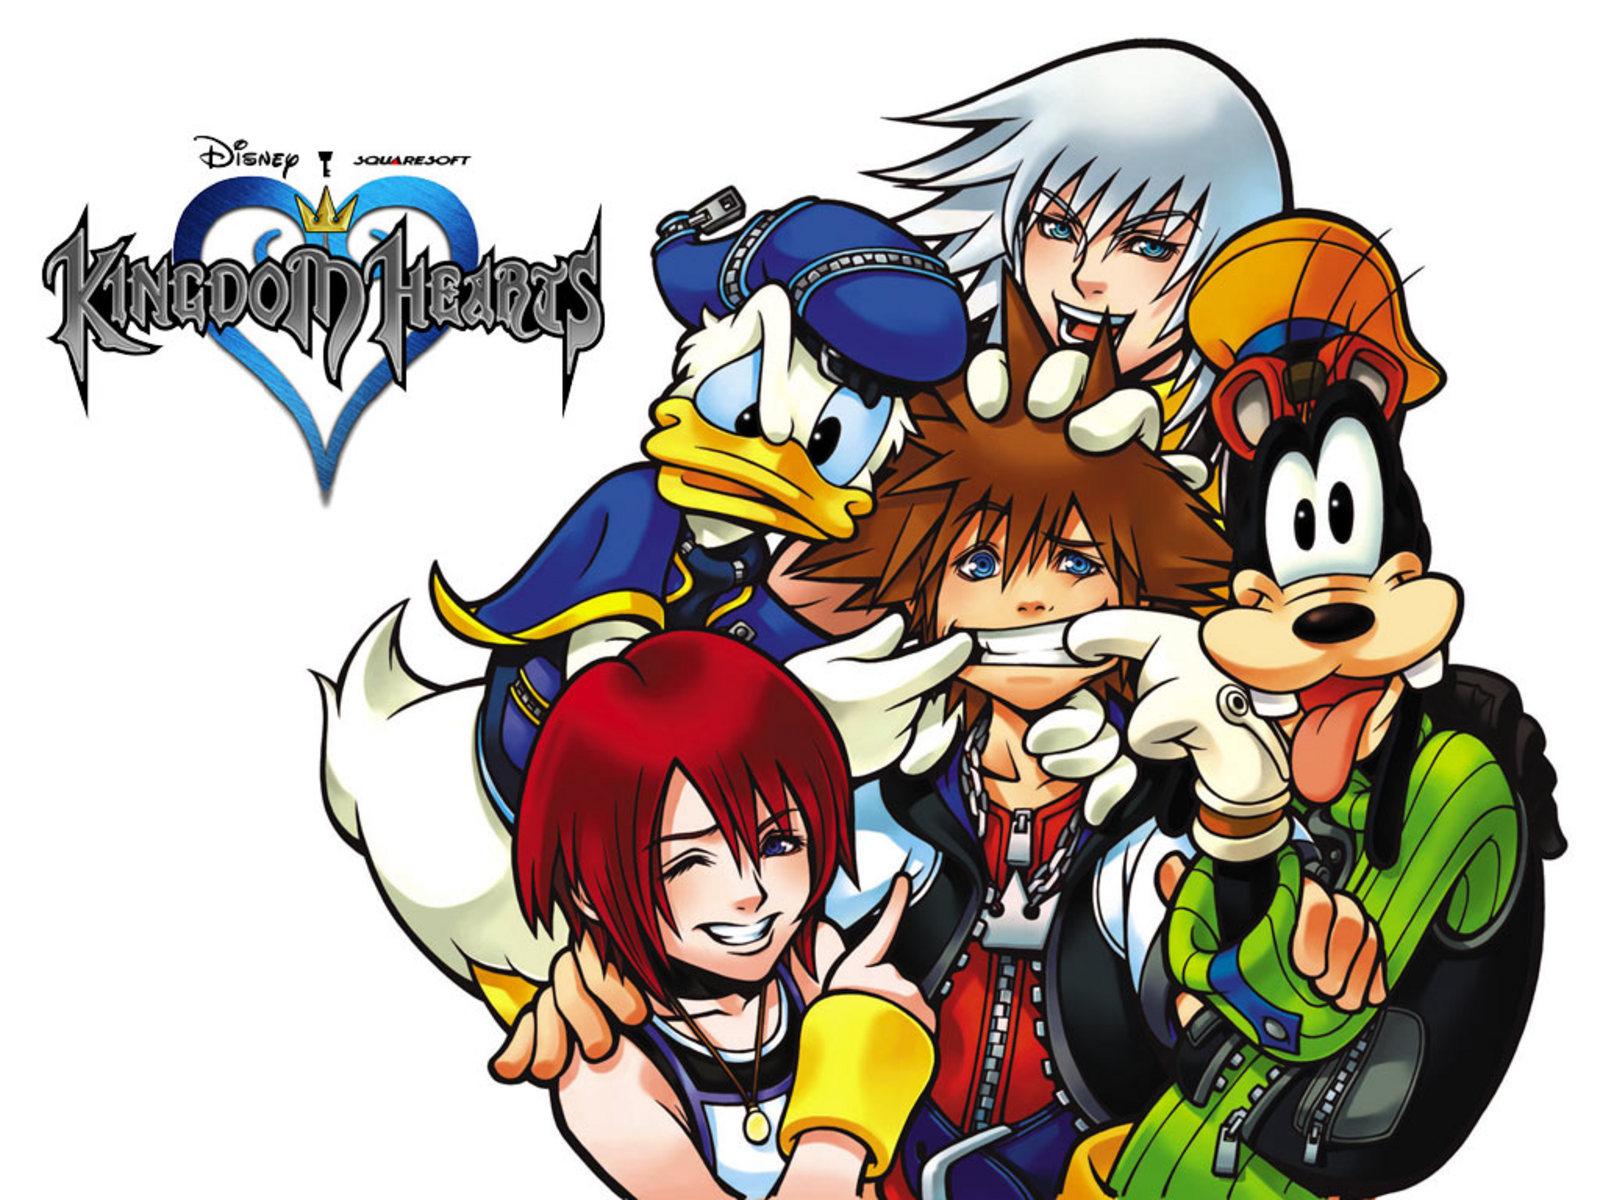 Le jeu Kingdom Hearts bientôt sur Android ?